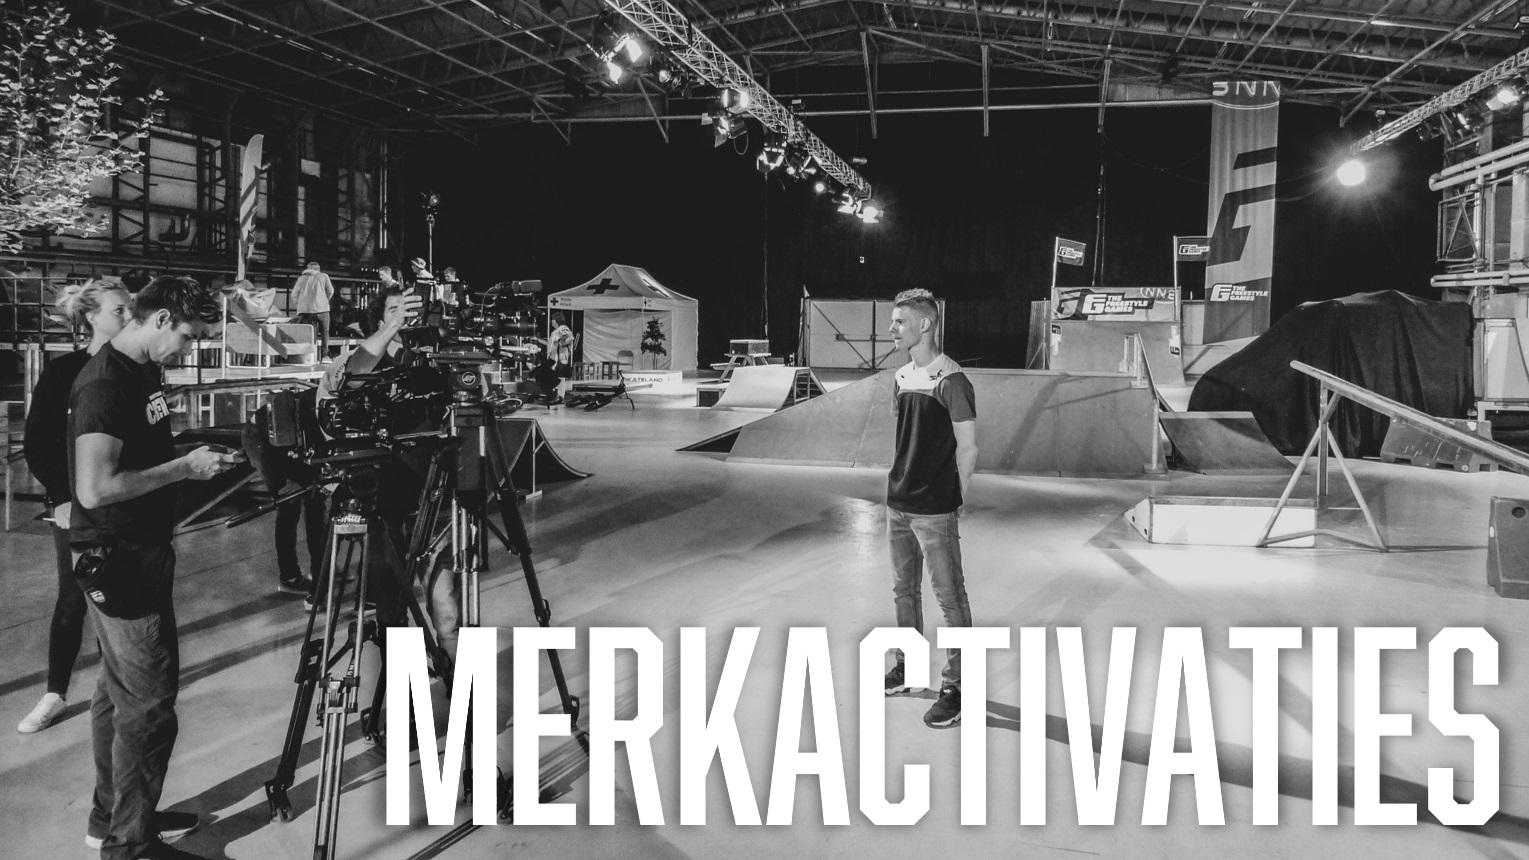 Merkactivaties.jpg